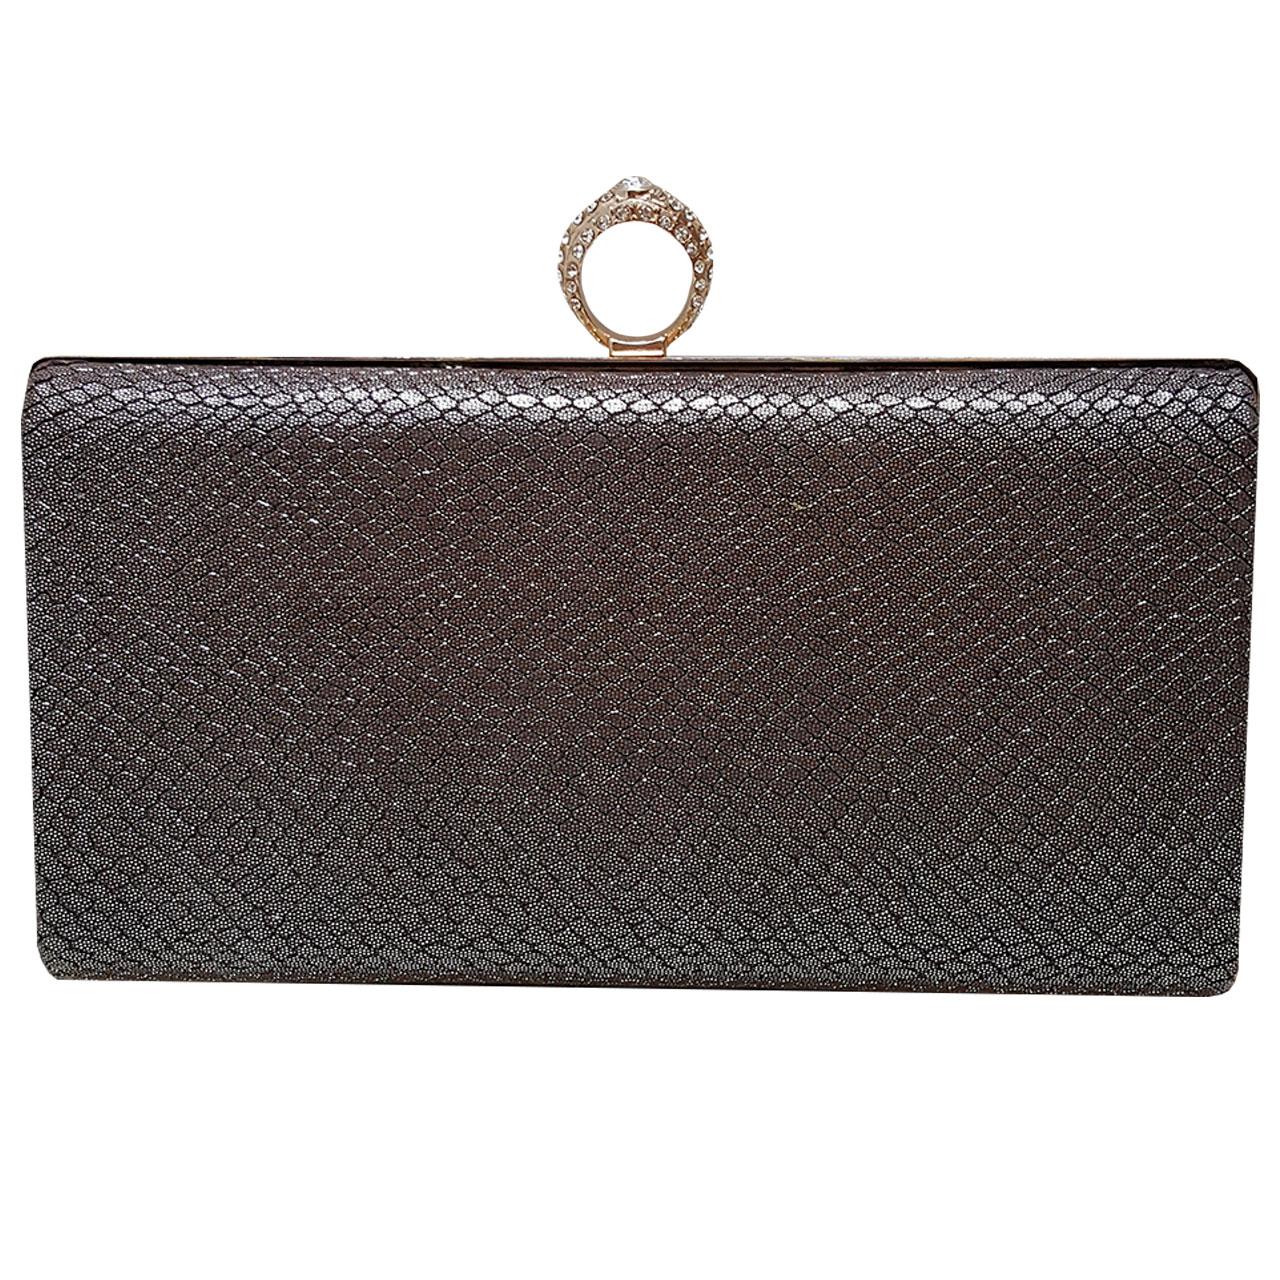 کیف دستی زنانه کد sh-113